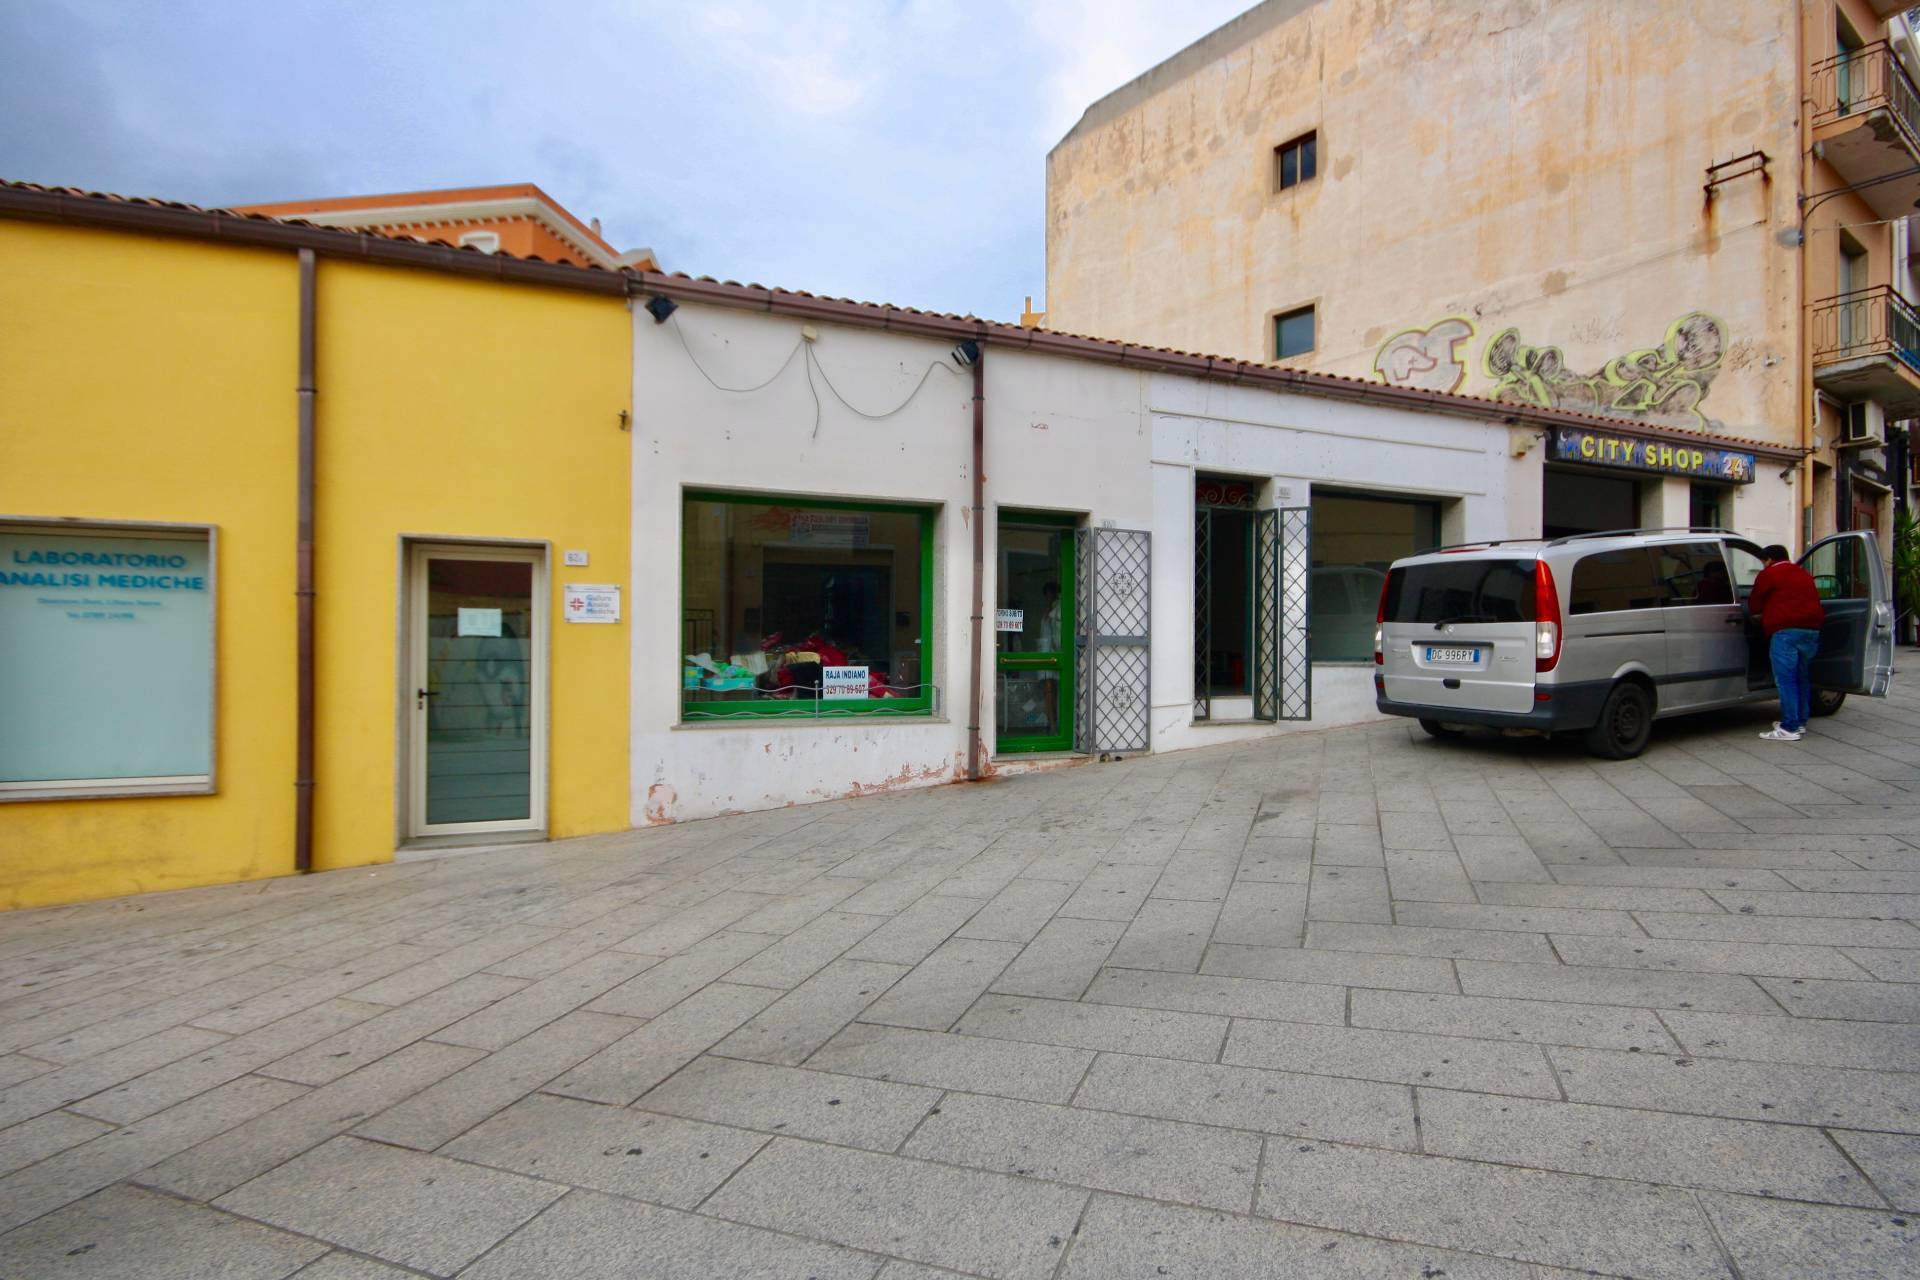 Negozio / Locale in affitto a Olbia - Porto Rotondo, 9999 locali, zona Località: Olbiacittà, prezzo € 600 | CambioCasa.it